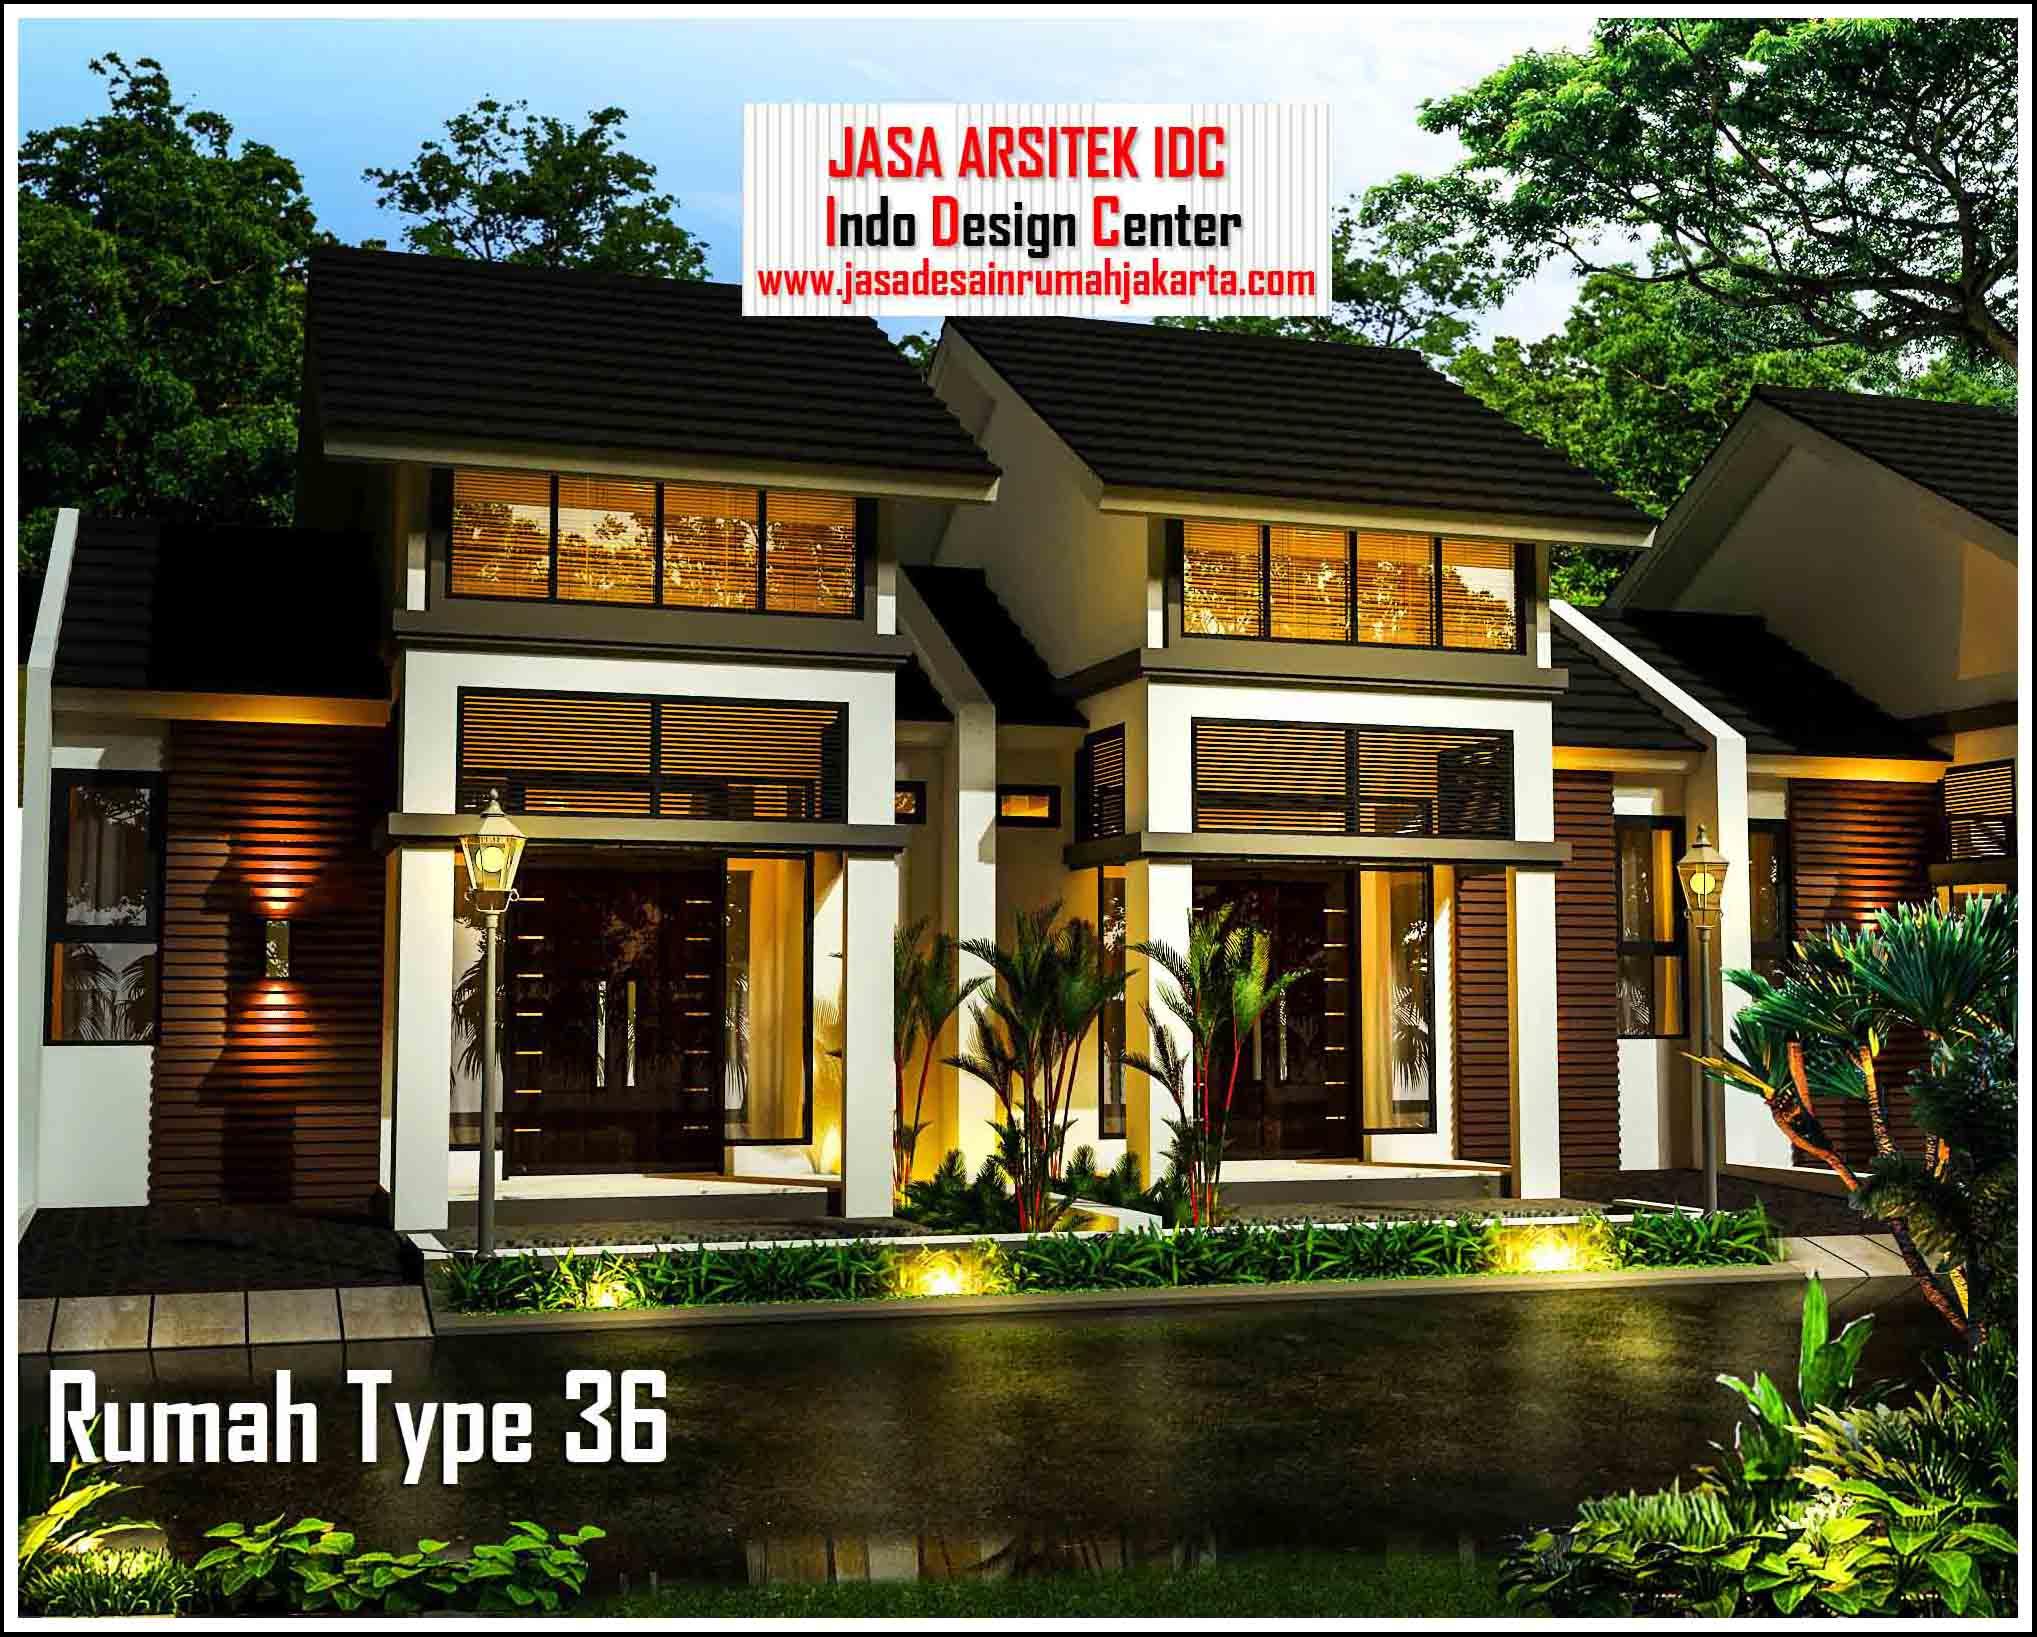 9800 Koleksi Desain Ruangan Rumah Kpr Type 36 HD Terbaik